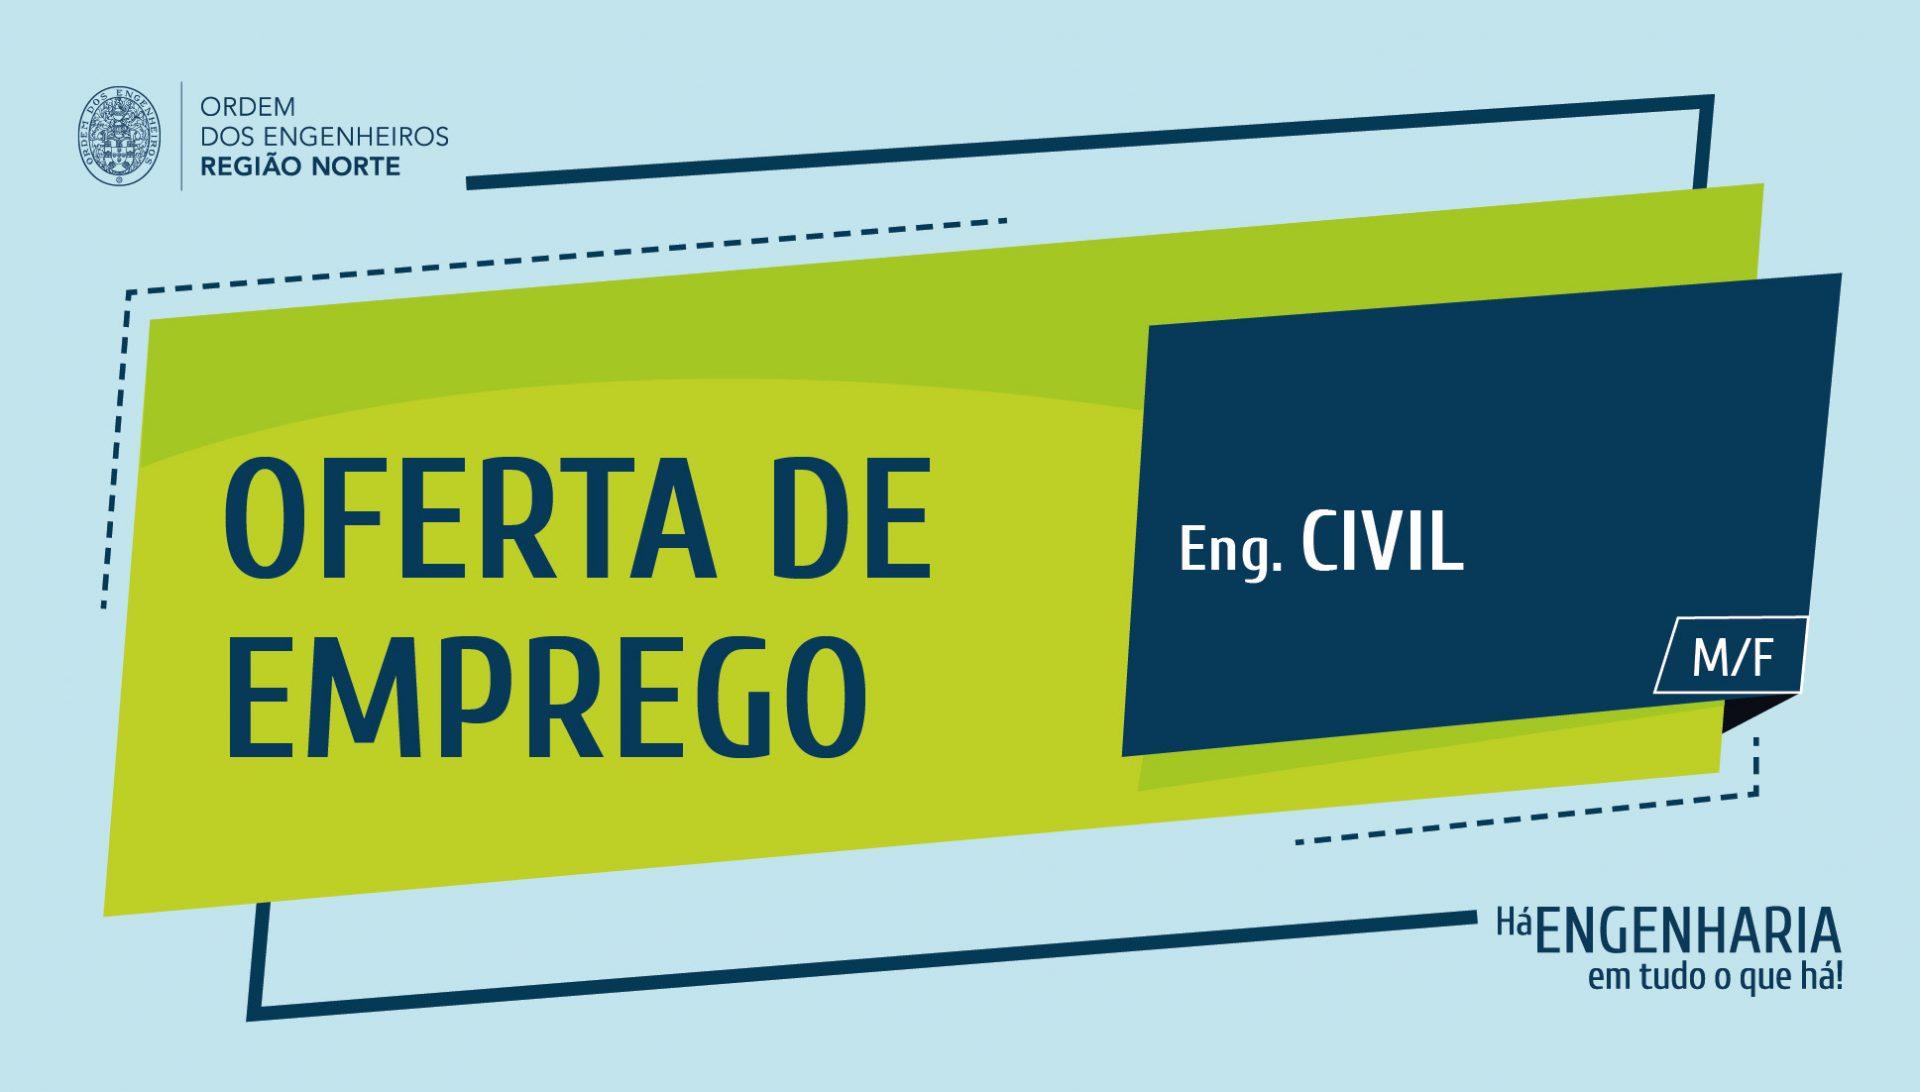 Plataforma Notícias Ordem Engenheiros Região Norte - [Emprego] Águas do Porto recruta engenheiro/a